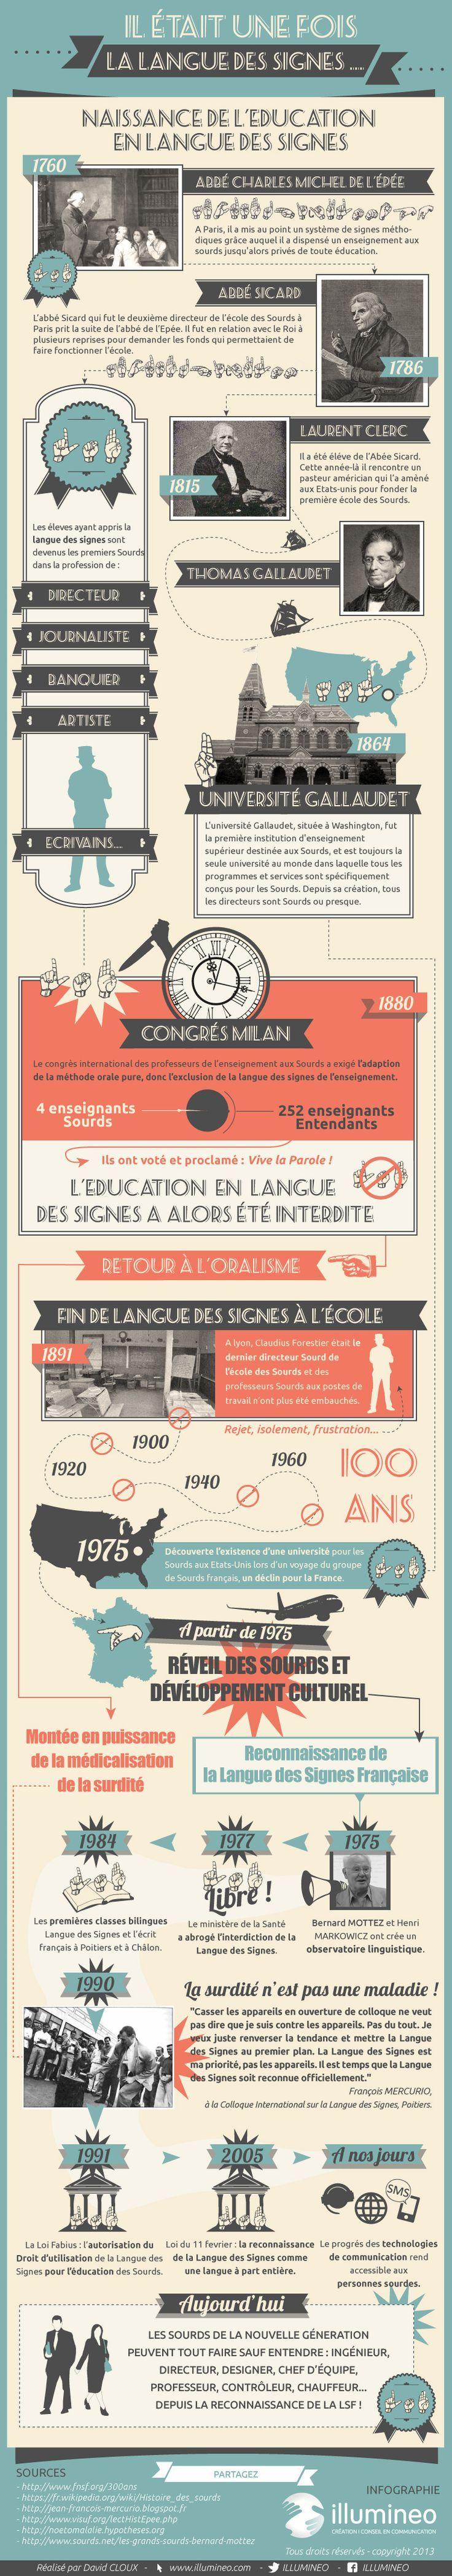 infographie langue des signes